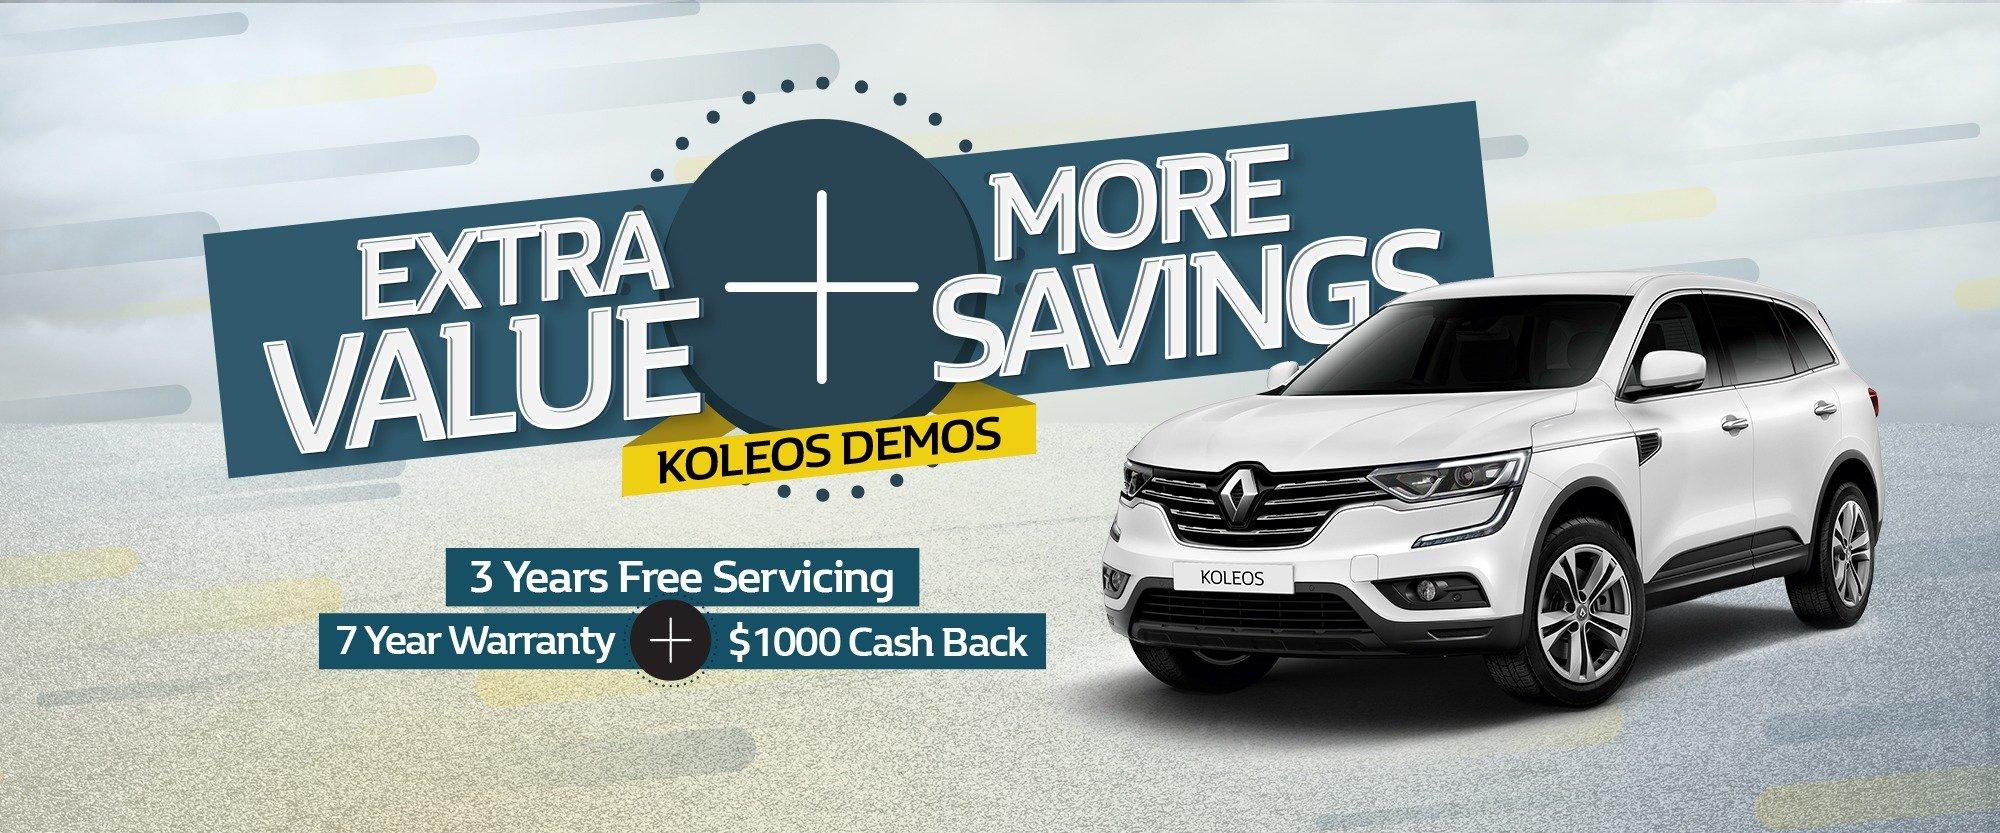 Koleos Demo Savings